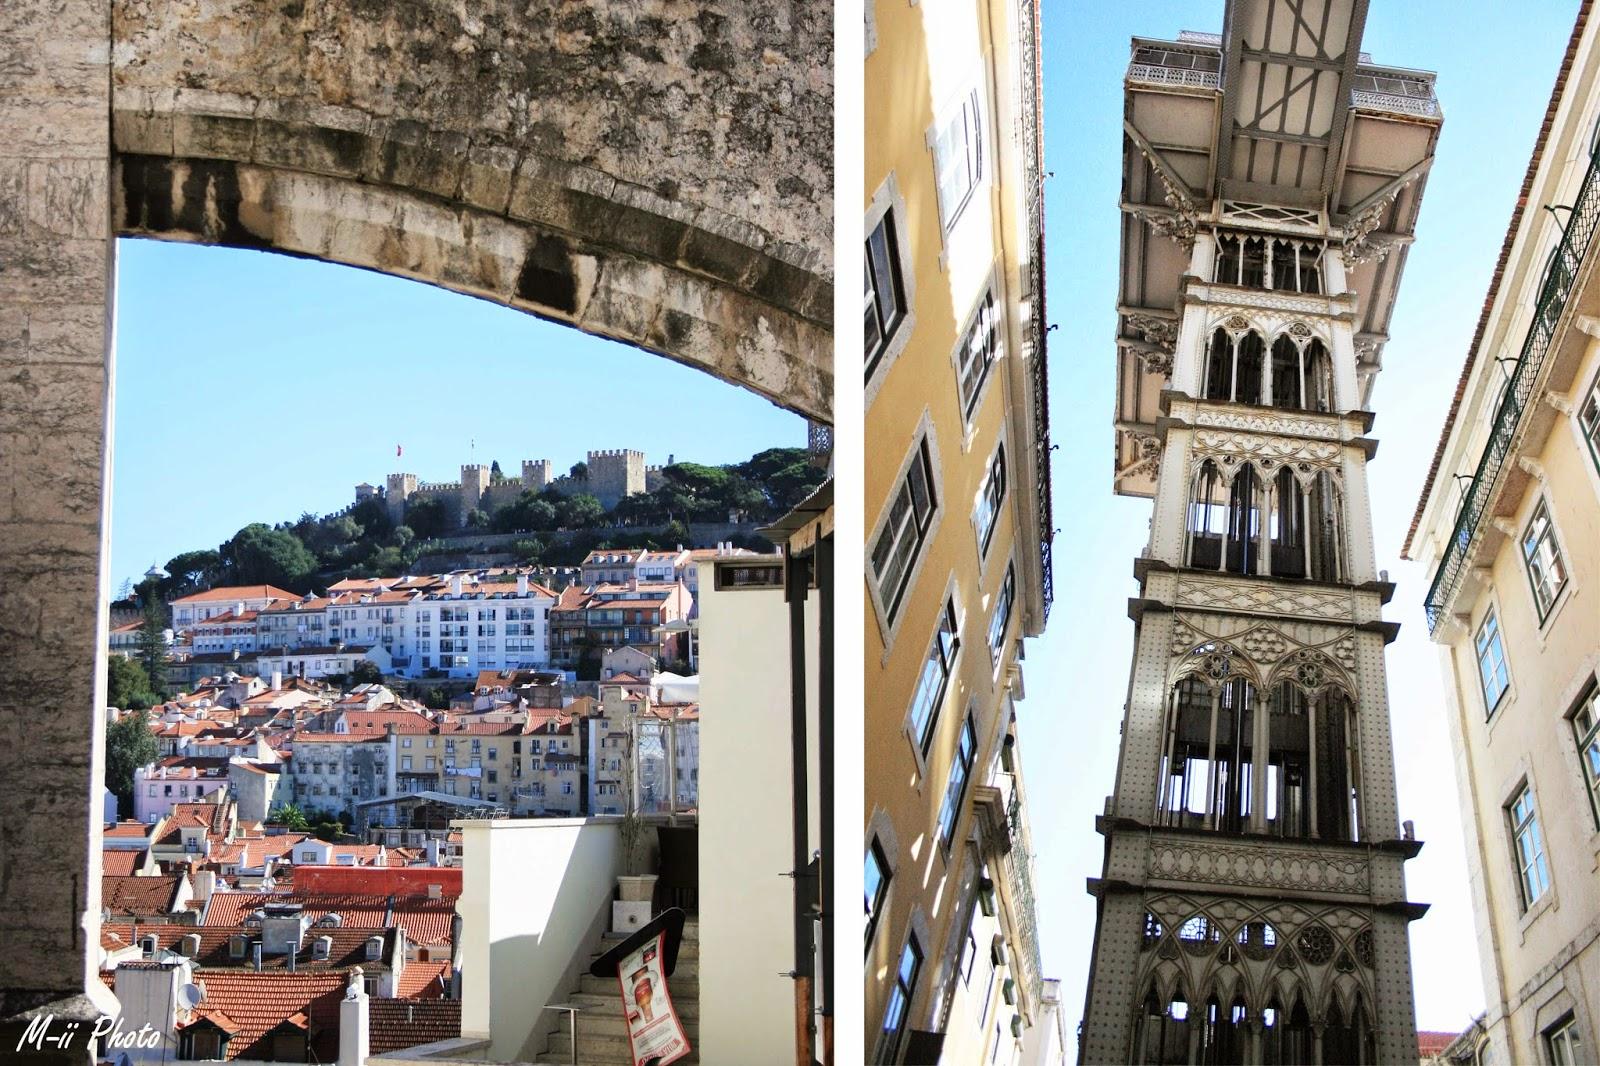 M-ii Photo : 10 choses à faire à Lisbonne Elevador de Santa Justa